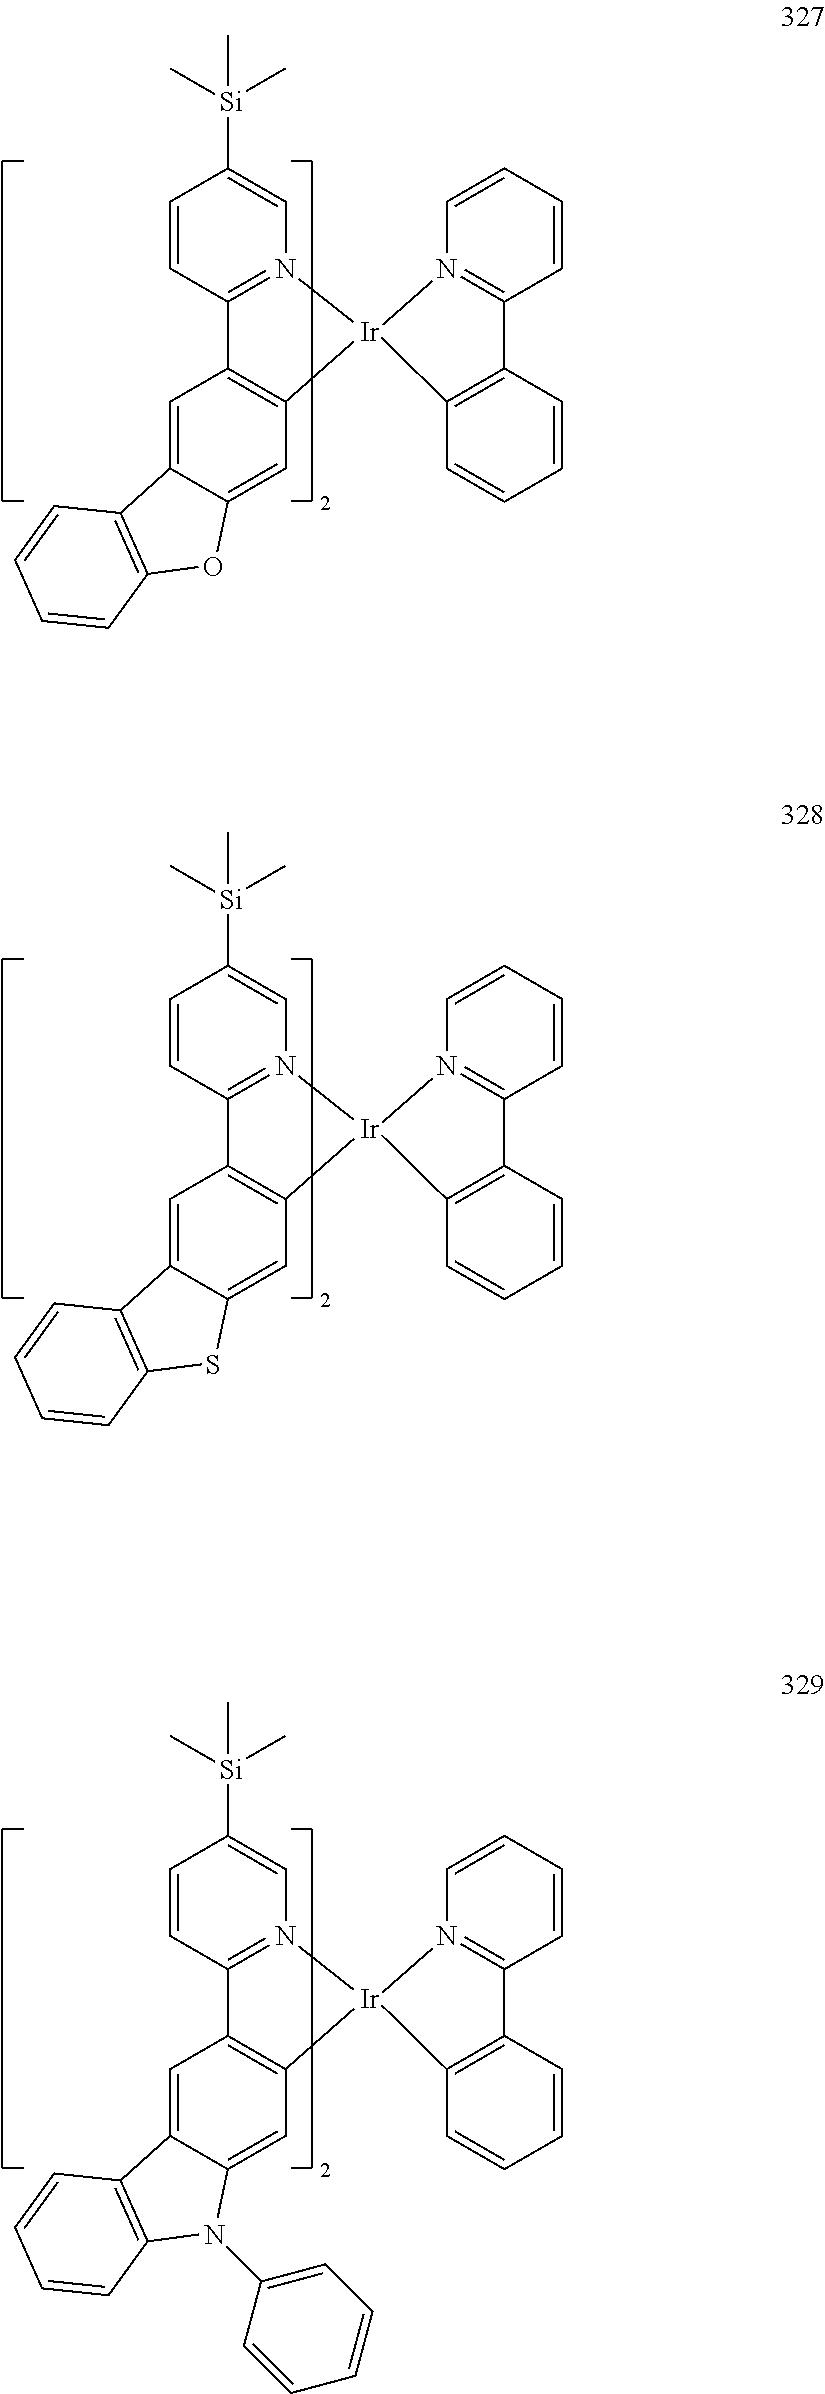 Figure US20160155962A1-20160602-C00161